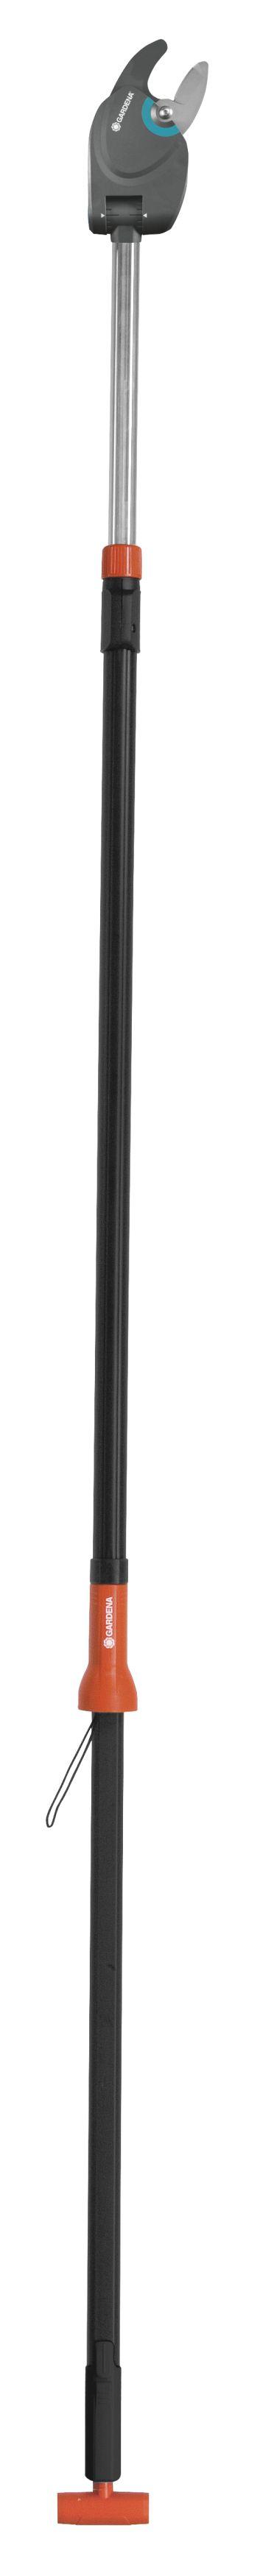 GARDENA Comfort telescooptakkenschaar 410bl